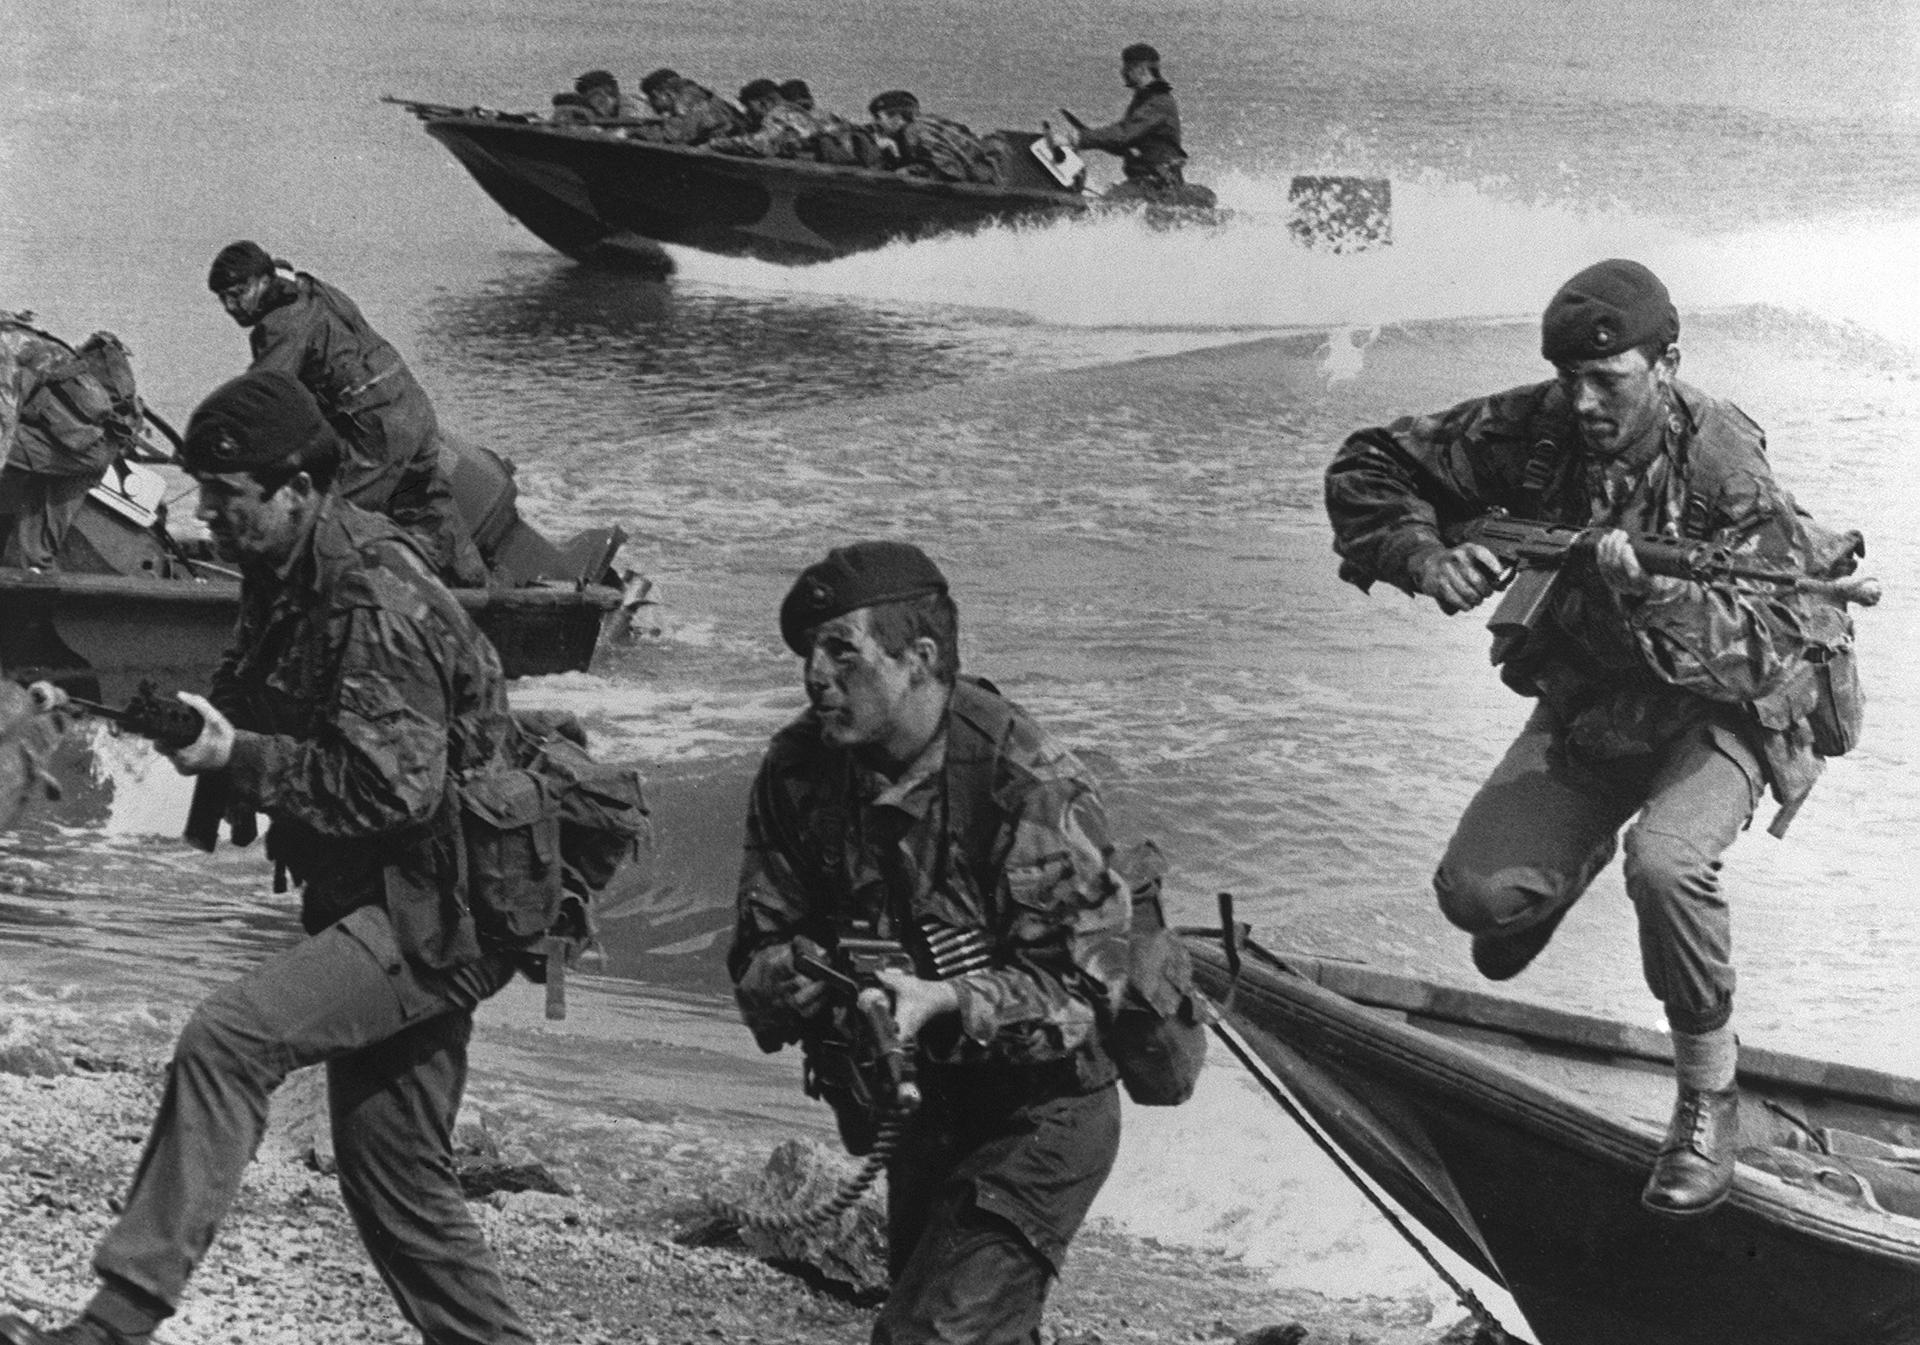 Durante la guerra se publicó esta foto de archivo que muestra a Marines de la armada real británica, realizando ejercicios de entrenamiento. Esos ejercicios se transformaron en realidad el 21 de mayo, cuandola Brigada de Comandos 3 del Brigadier Julian Thompson desembarcó en SanCarlos (EFE)